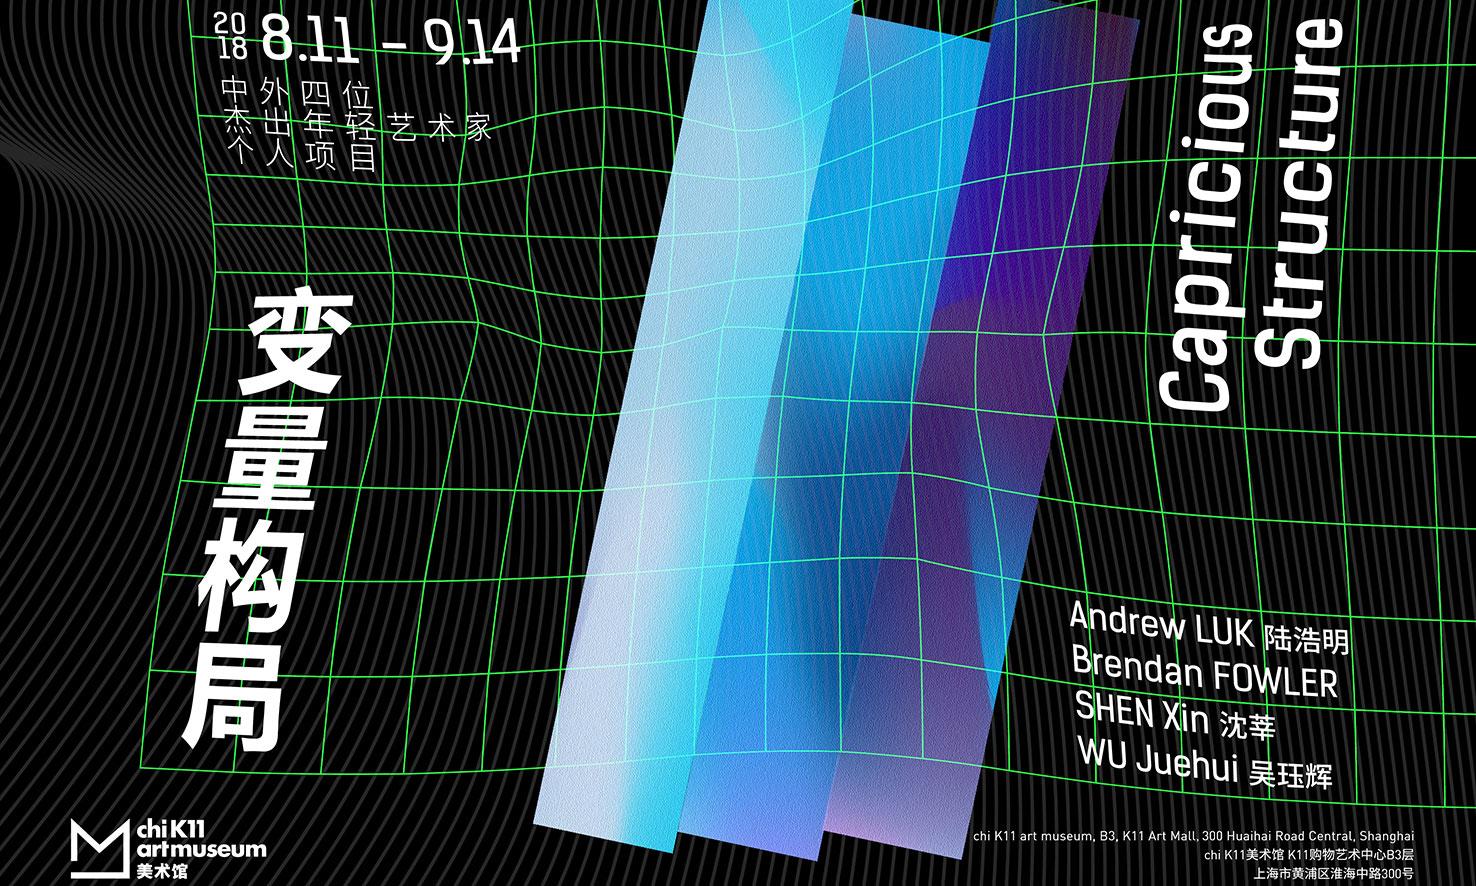 chi K11 美术馆正式开设当代《变量构局》艺术展